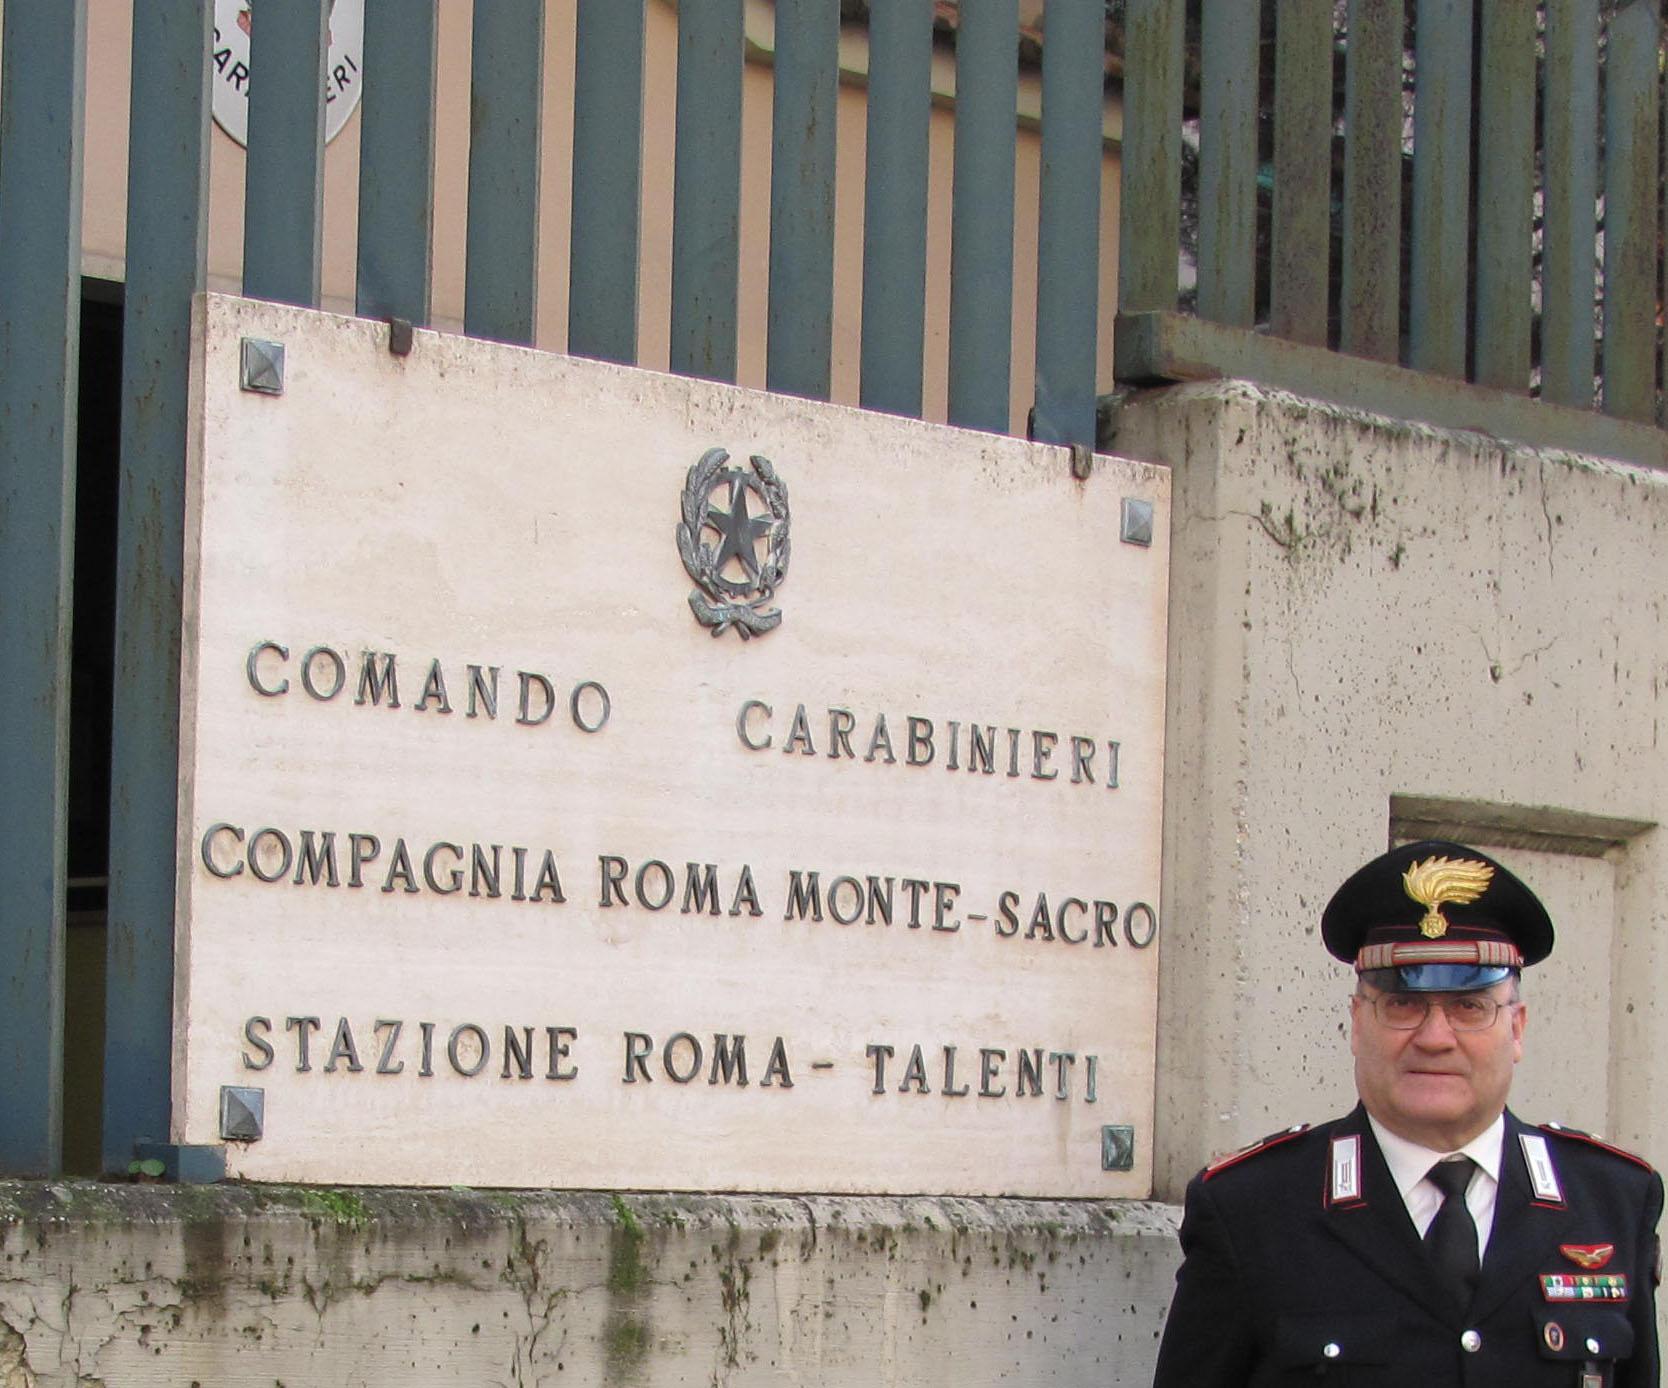 Salvatore Veltri